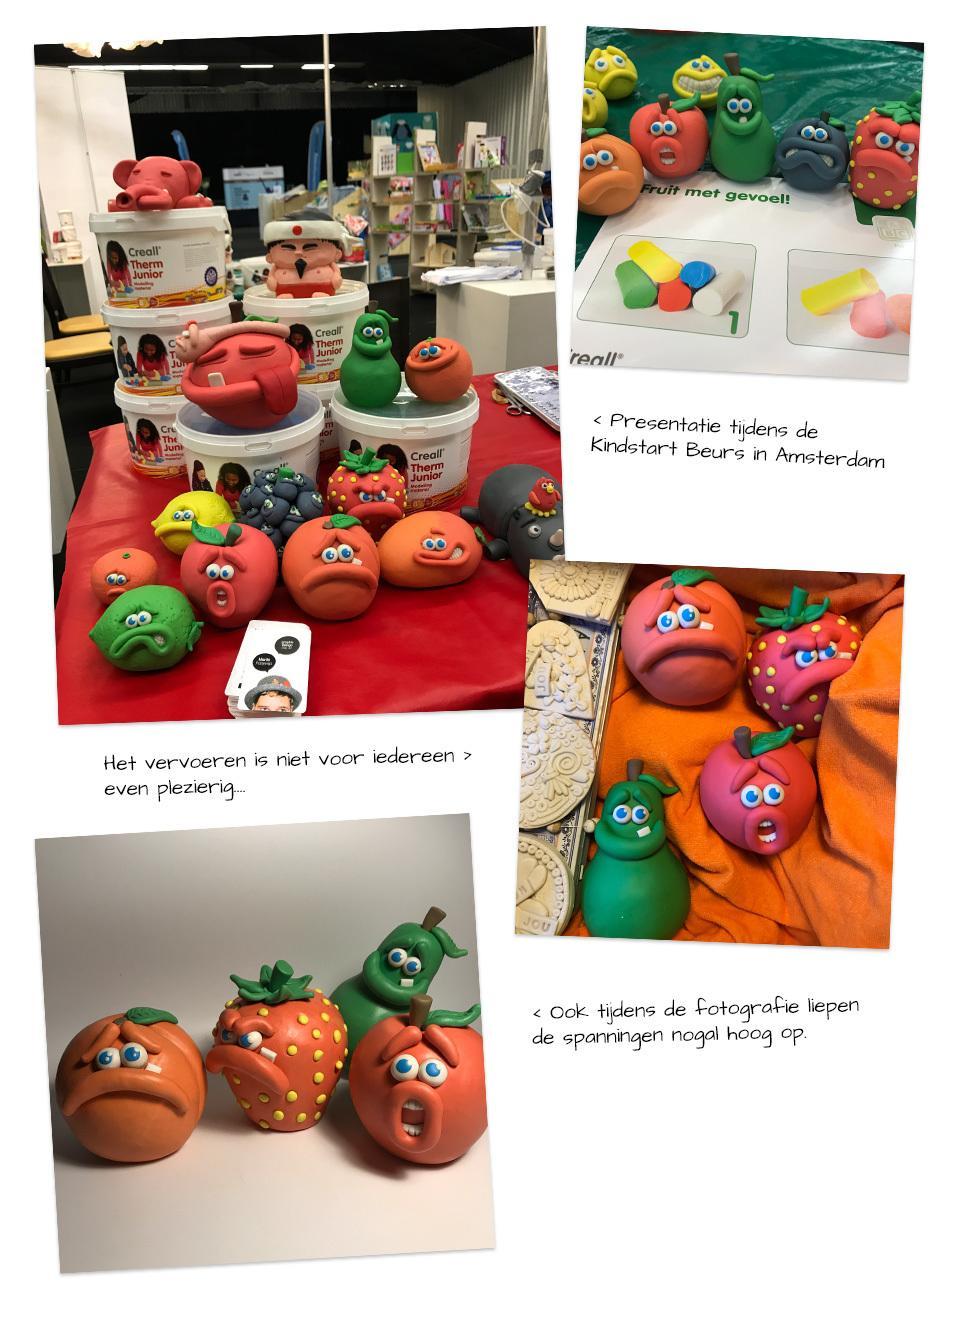 Fruit met gevoel en emoties van klei